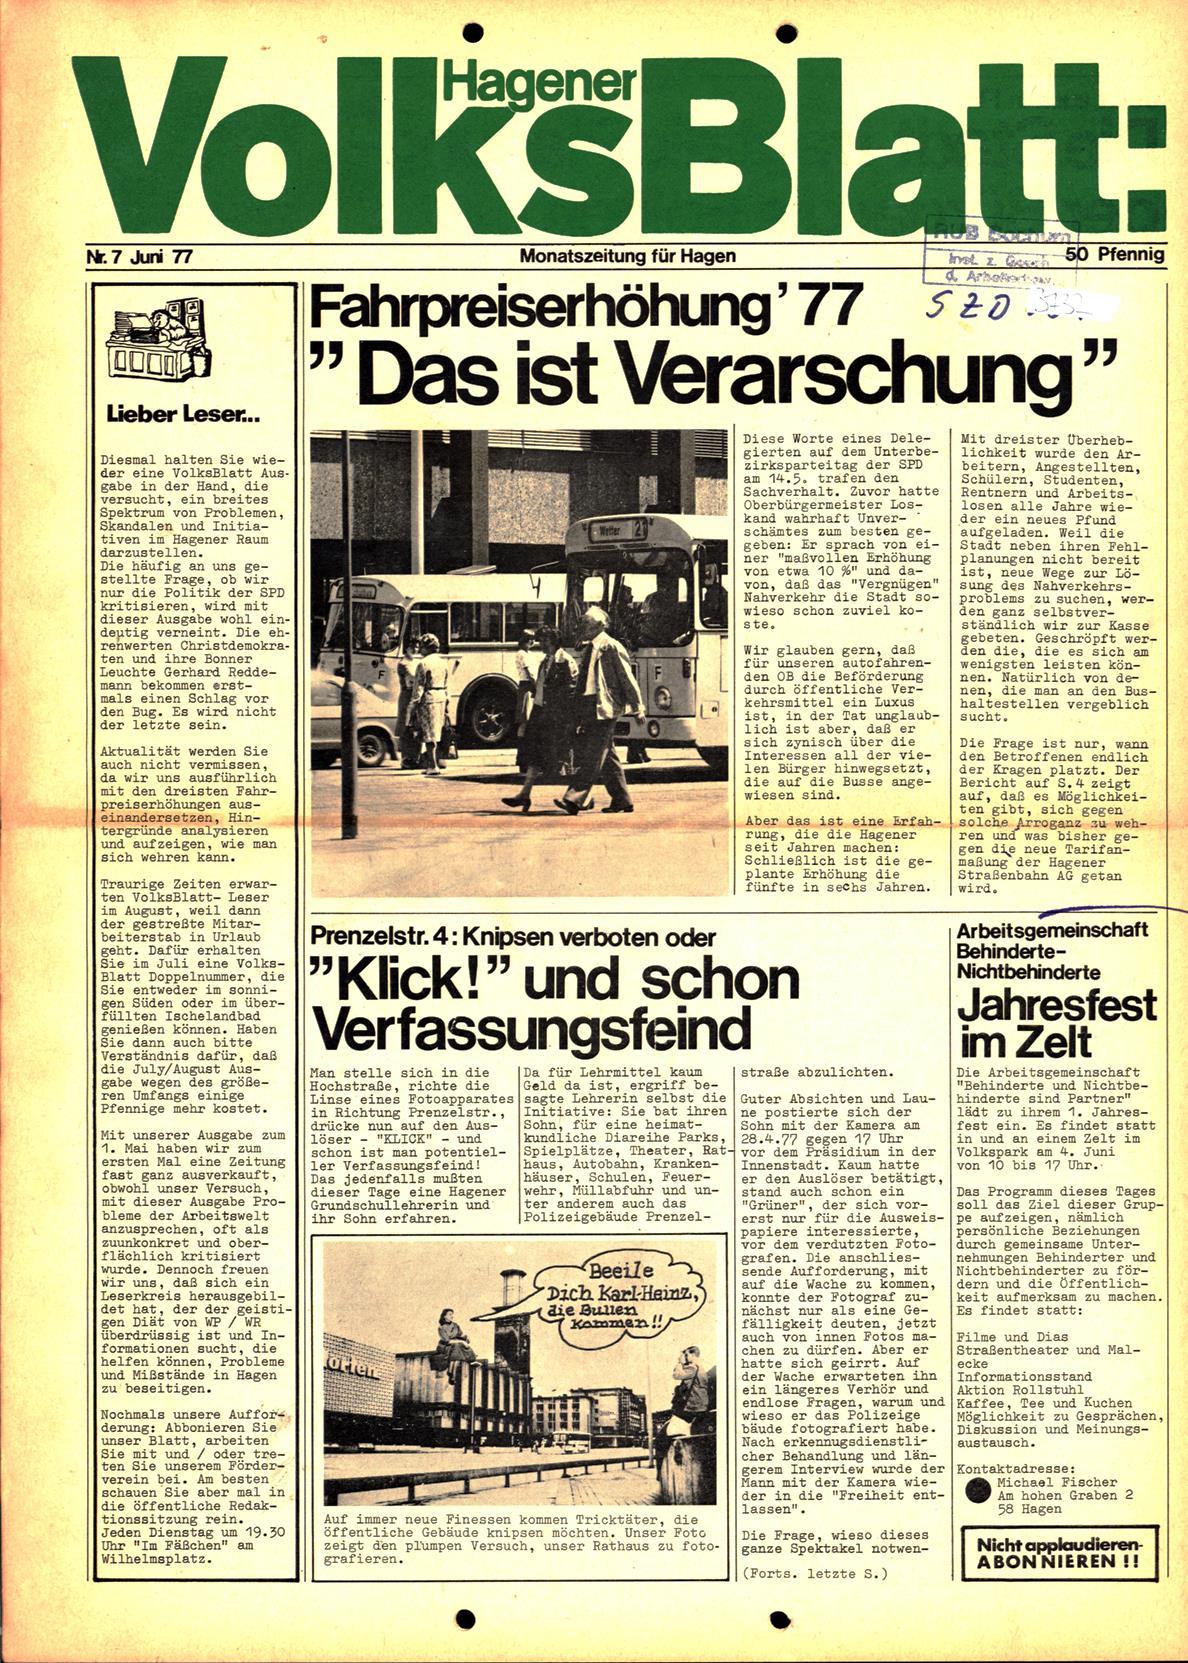 Hagen_Volksblatt_19770600_01